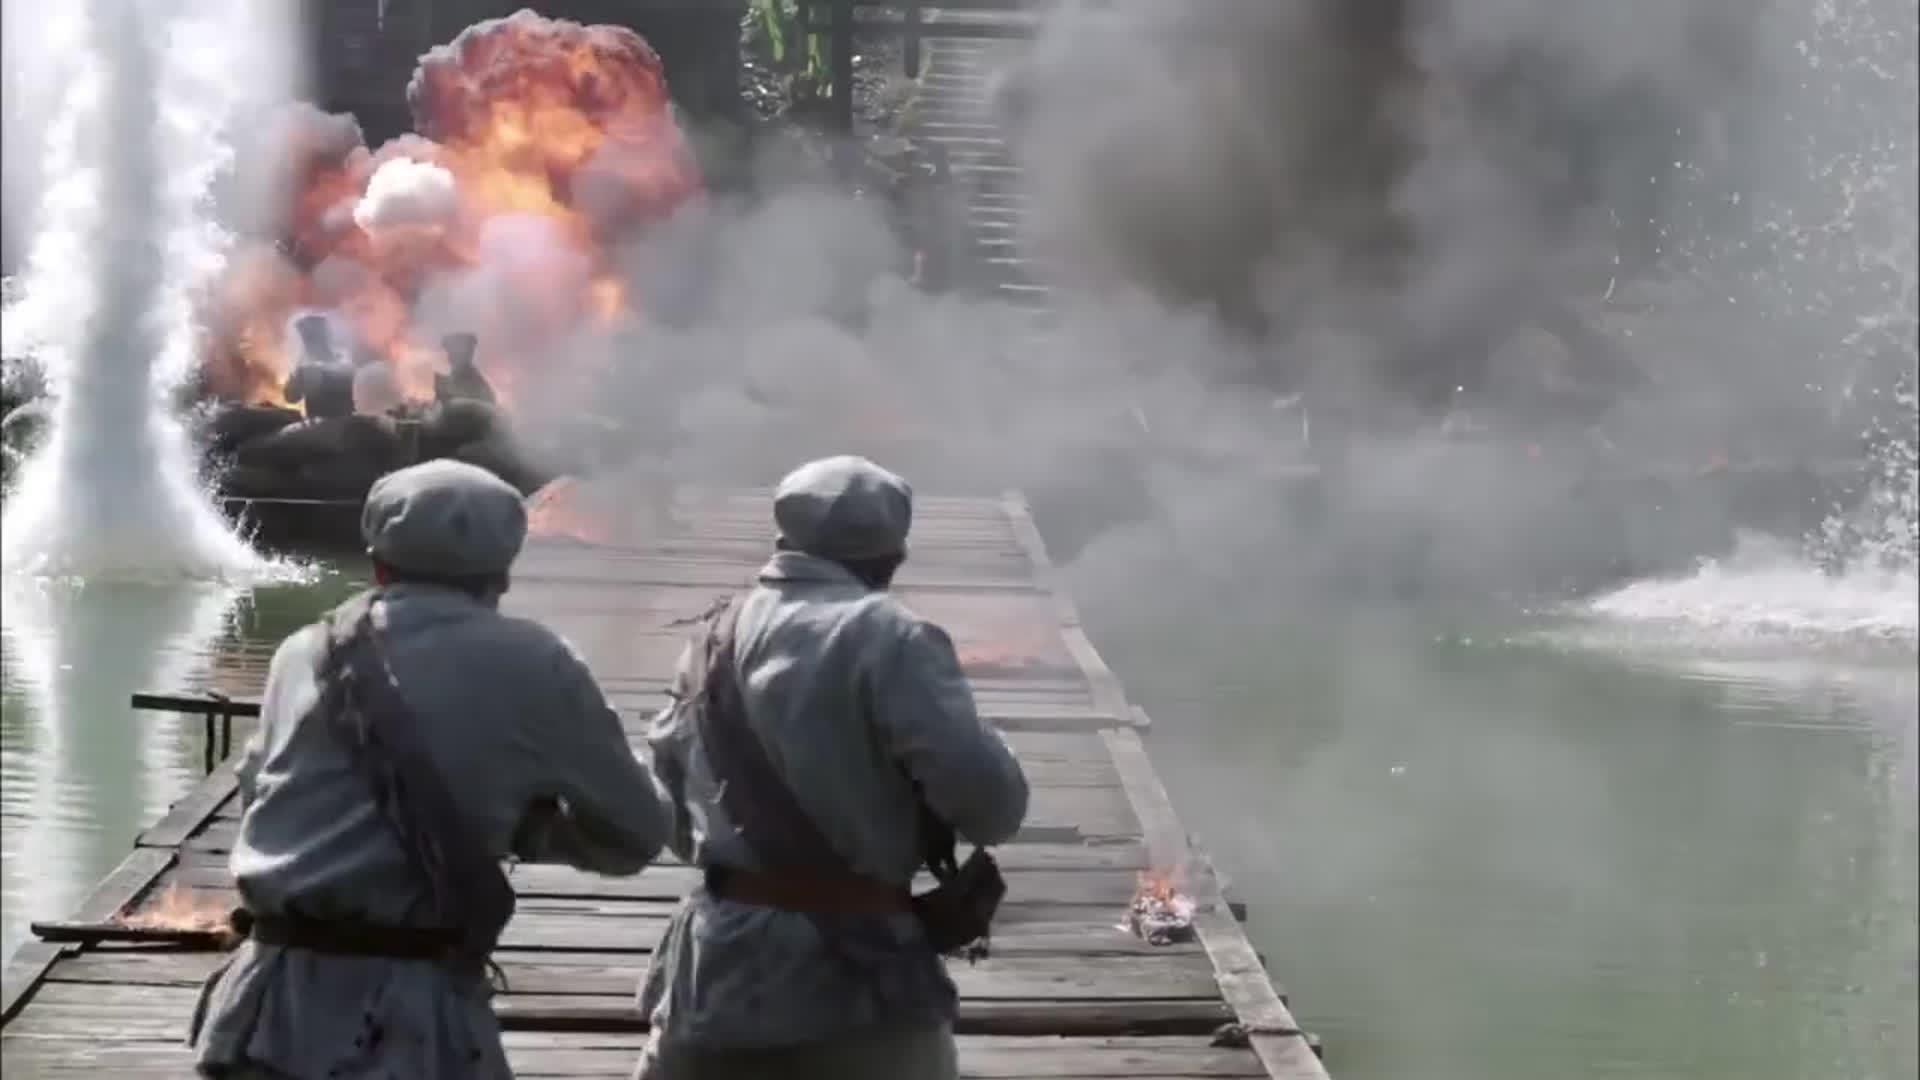 元帅:彭德怀改变作战计划,奈何敌人炮火太猛,还是伤亡惨重